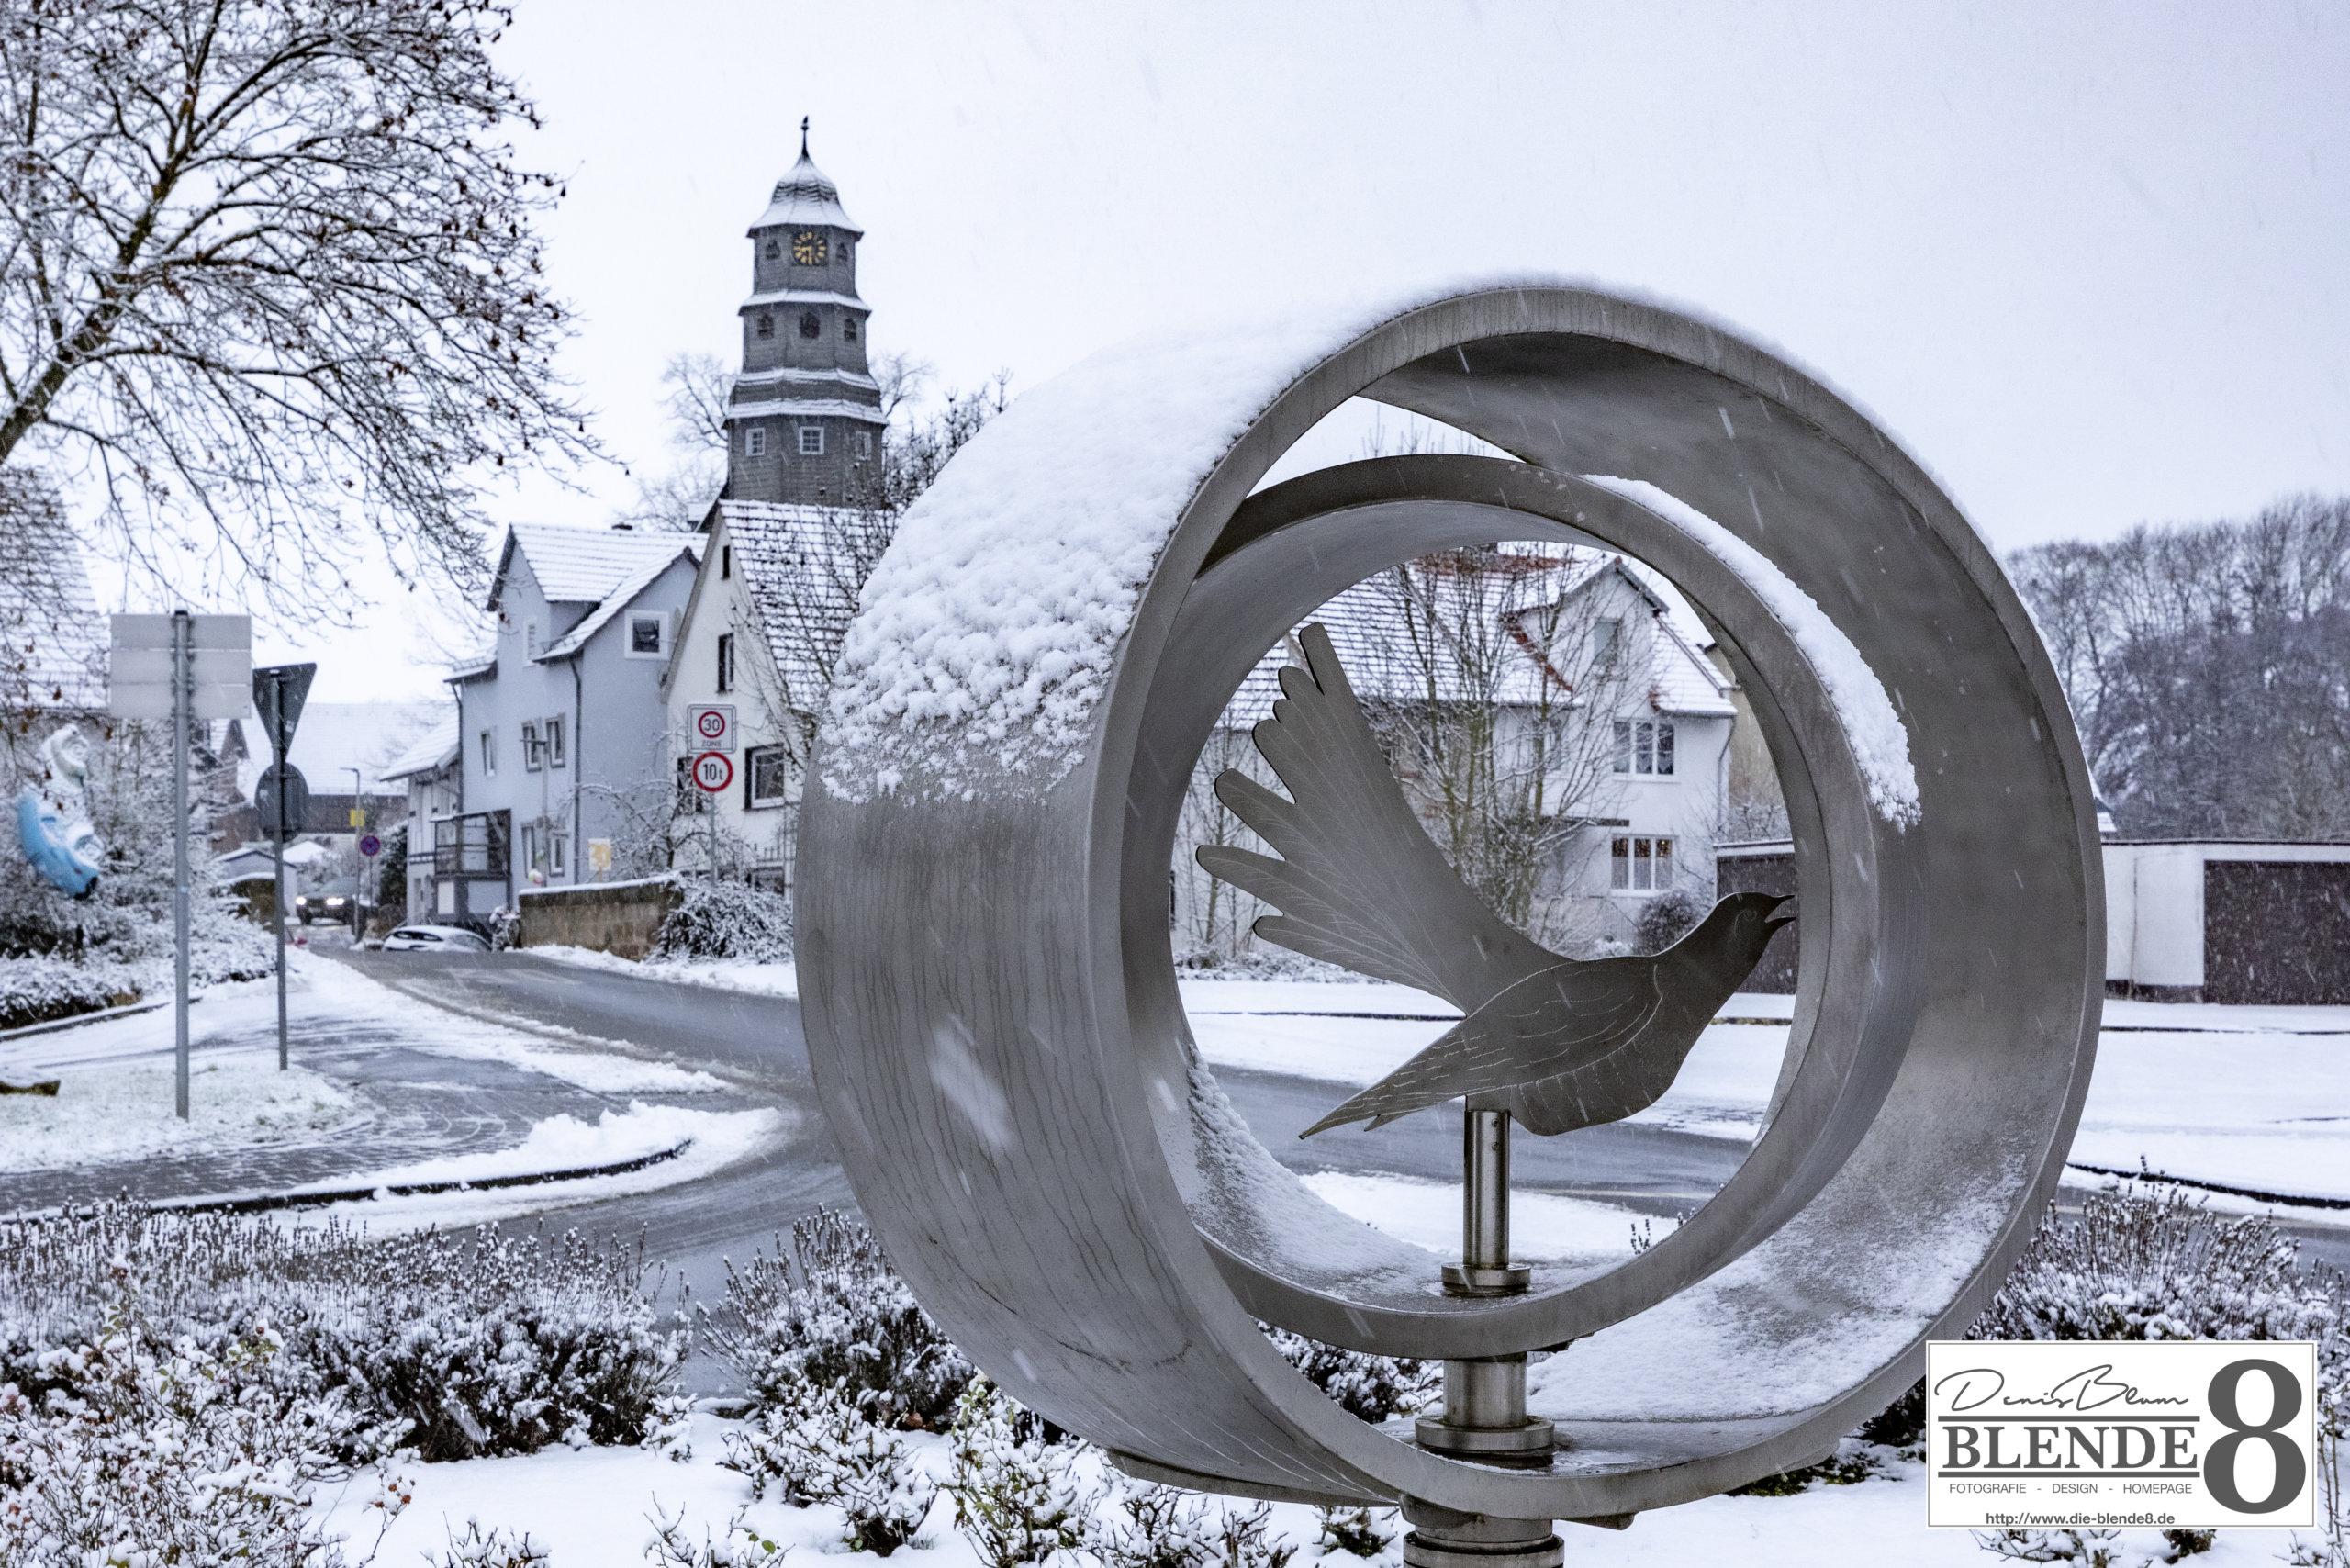 Blende8 Nordhessen Baunatal Winter Foto-Nr. 3006-48